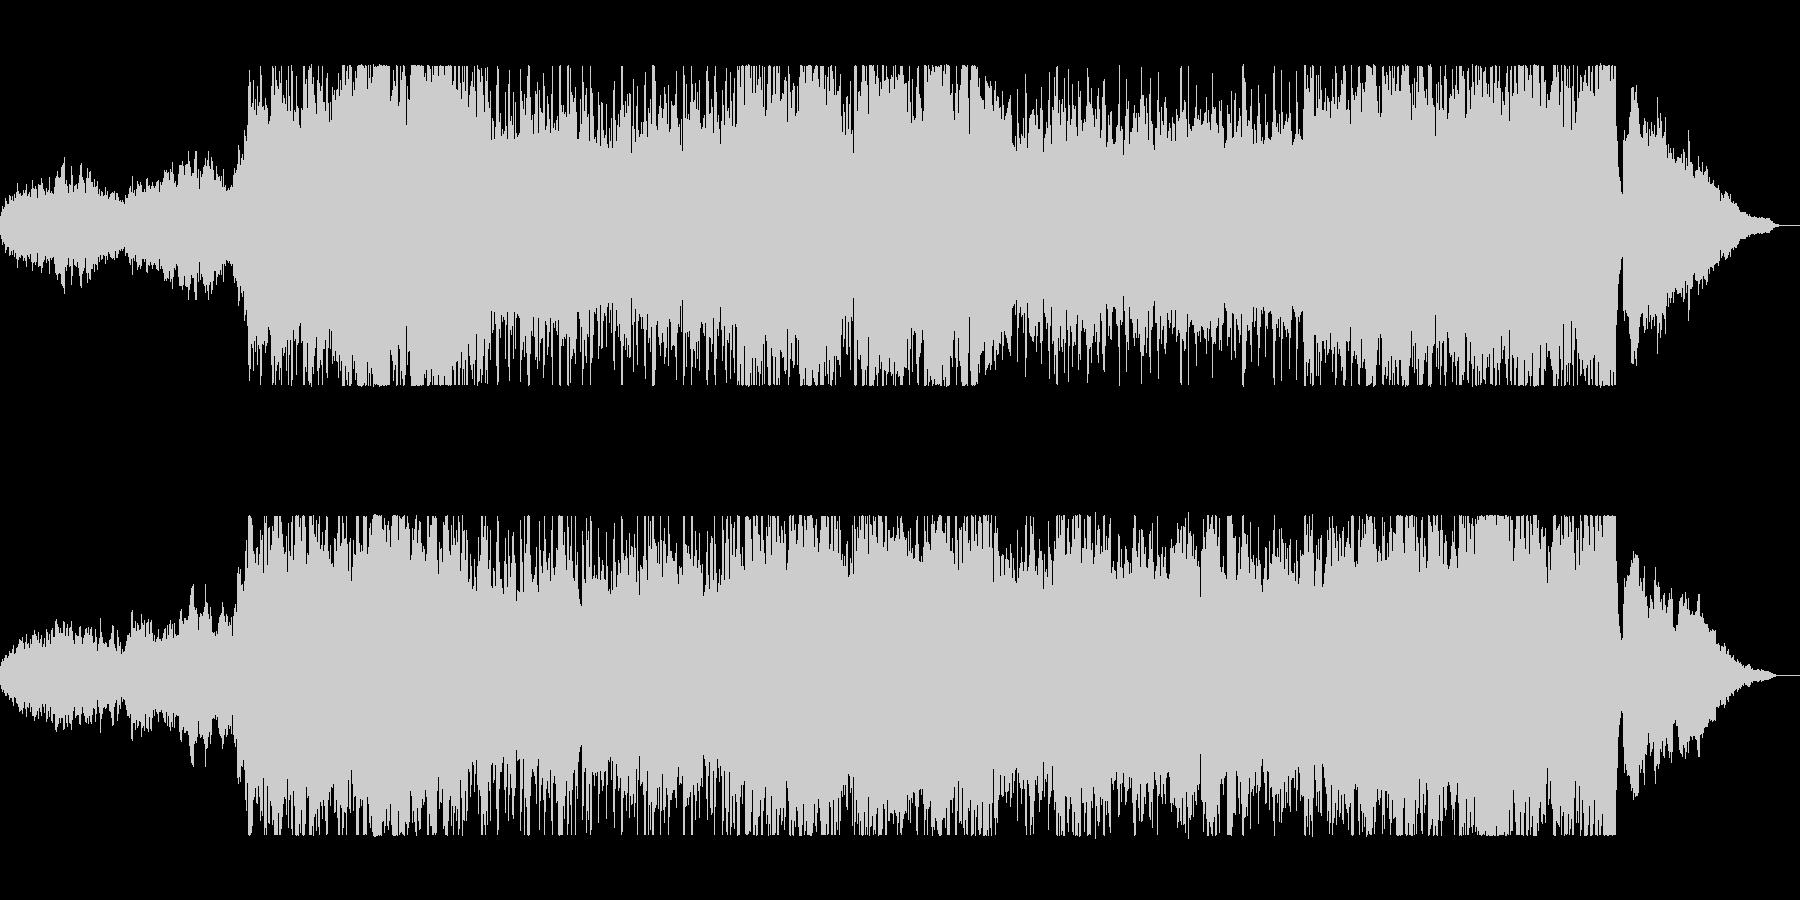 勢いと華やかな管弦楽器ピアノサウンドの未再生の波形